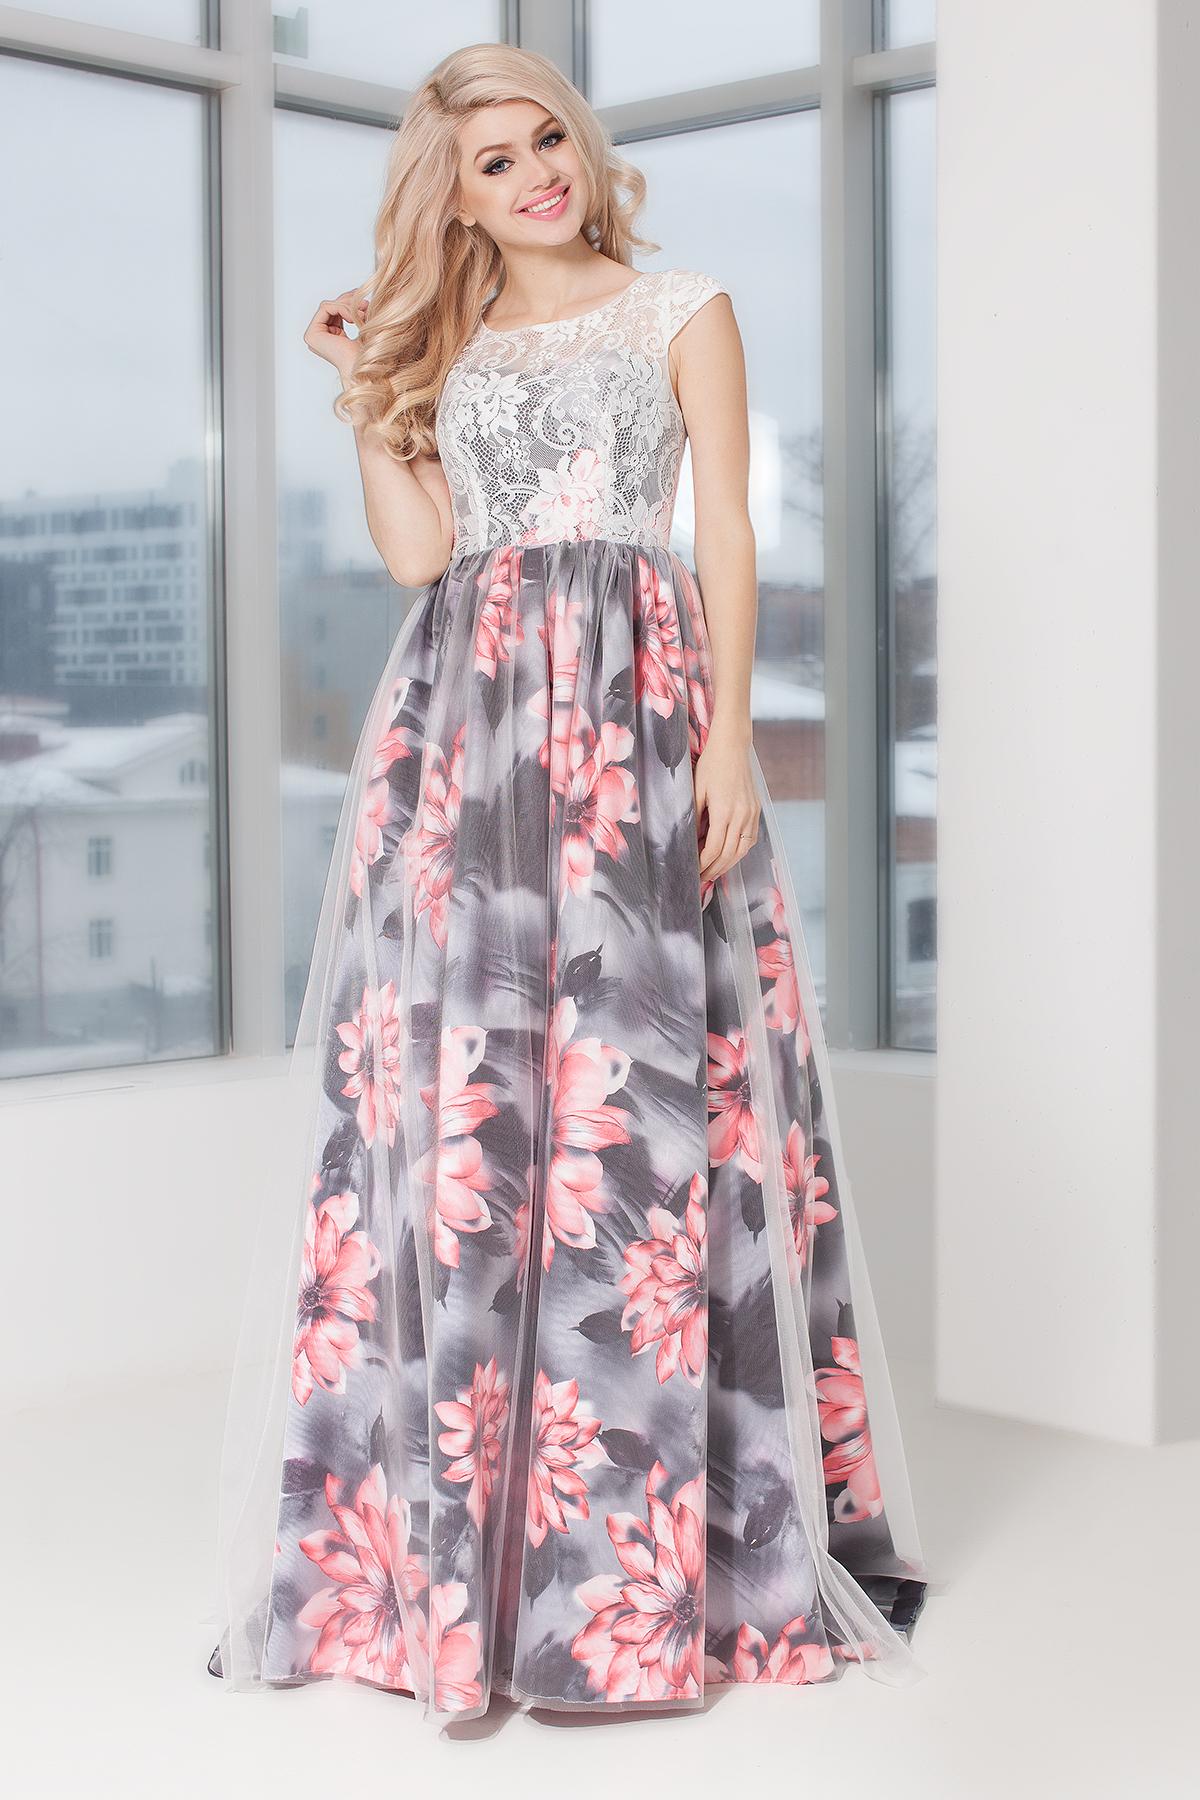 fb746c0ae87 Аренда вечернего платья 5520 - Санкт-Петербург